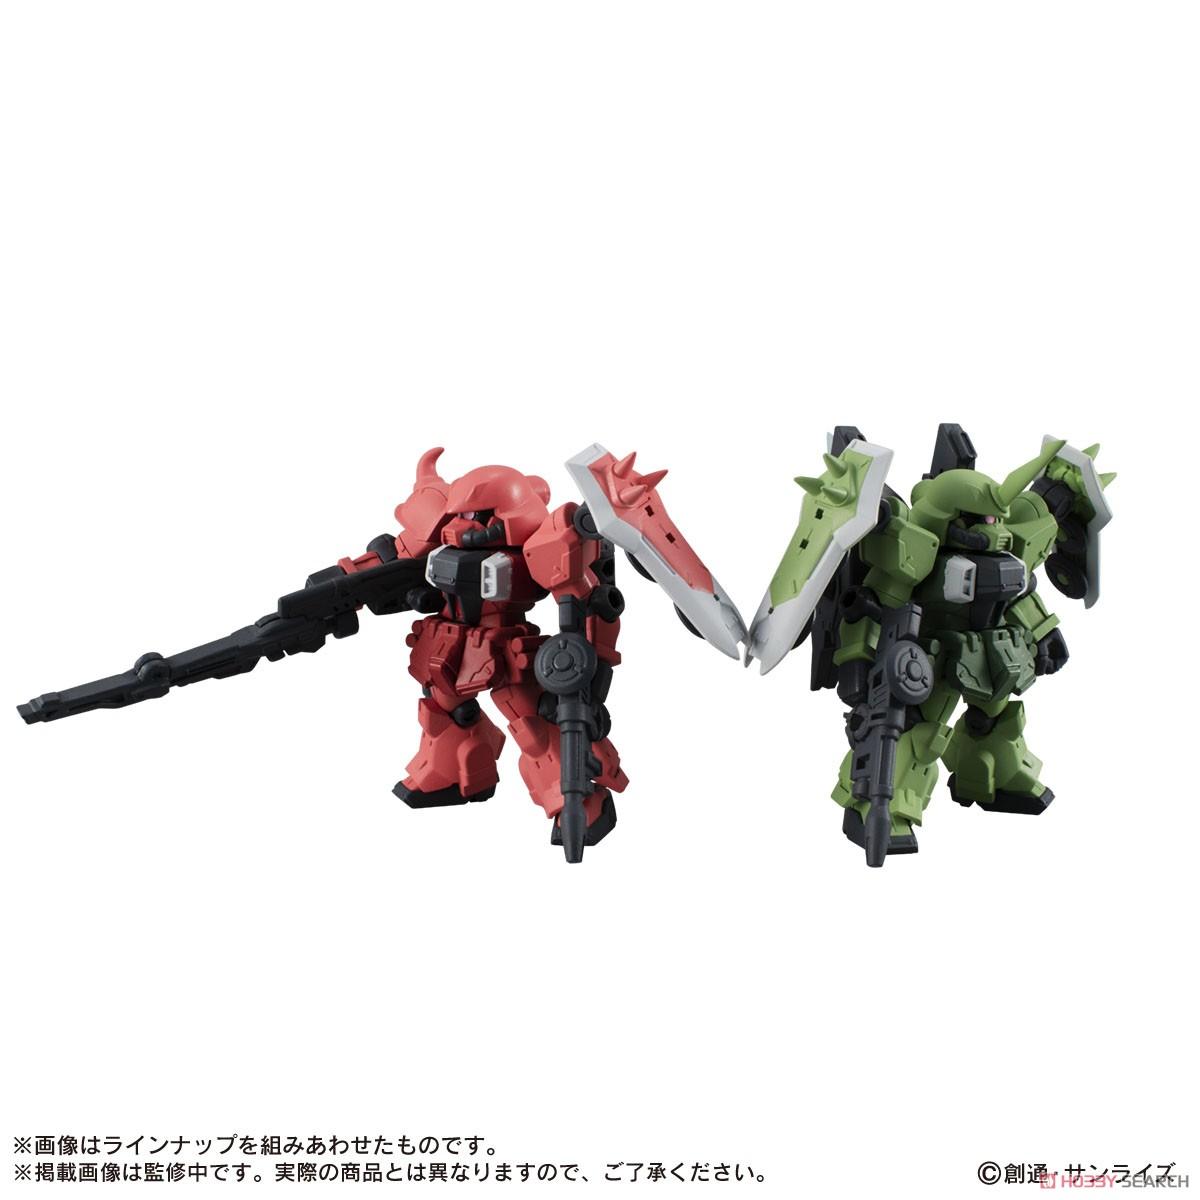 機動戦士ガンダム『MOBILE SUIT ENSEMBLE18』デフォルメ可動フィギュア 10個入りBOX-008